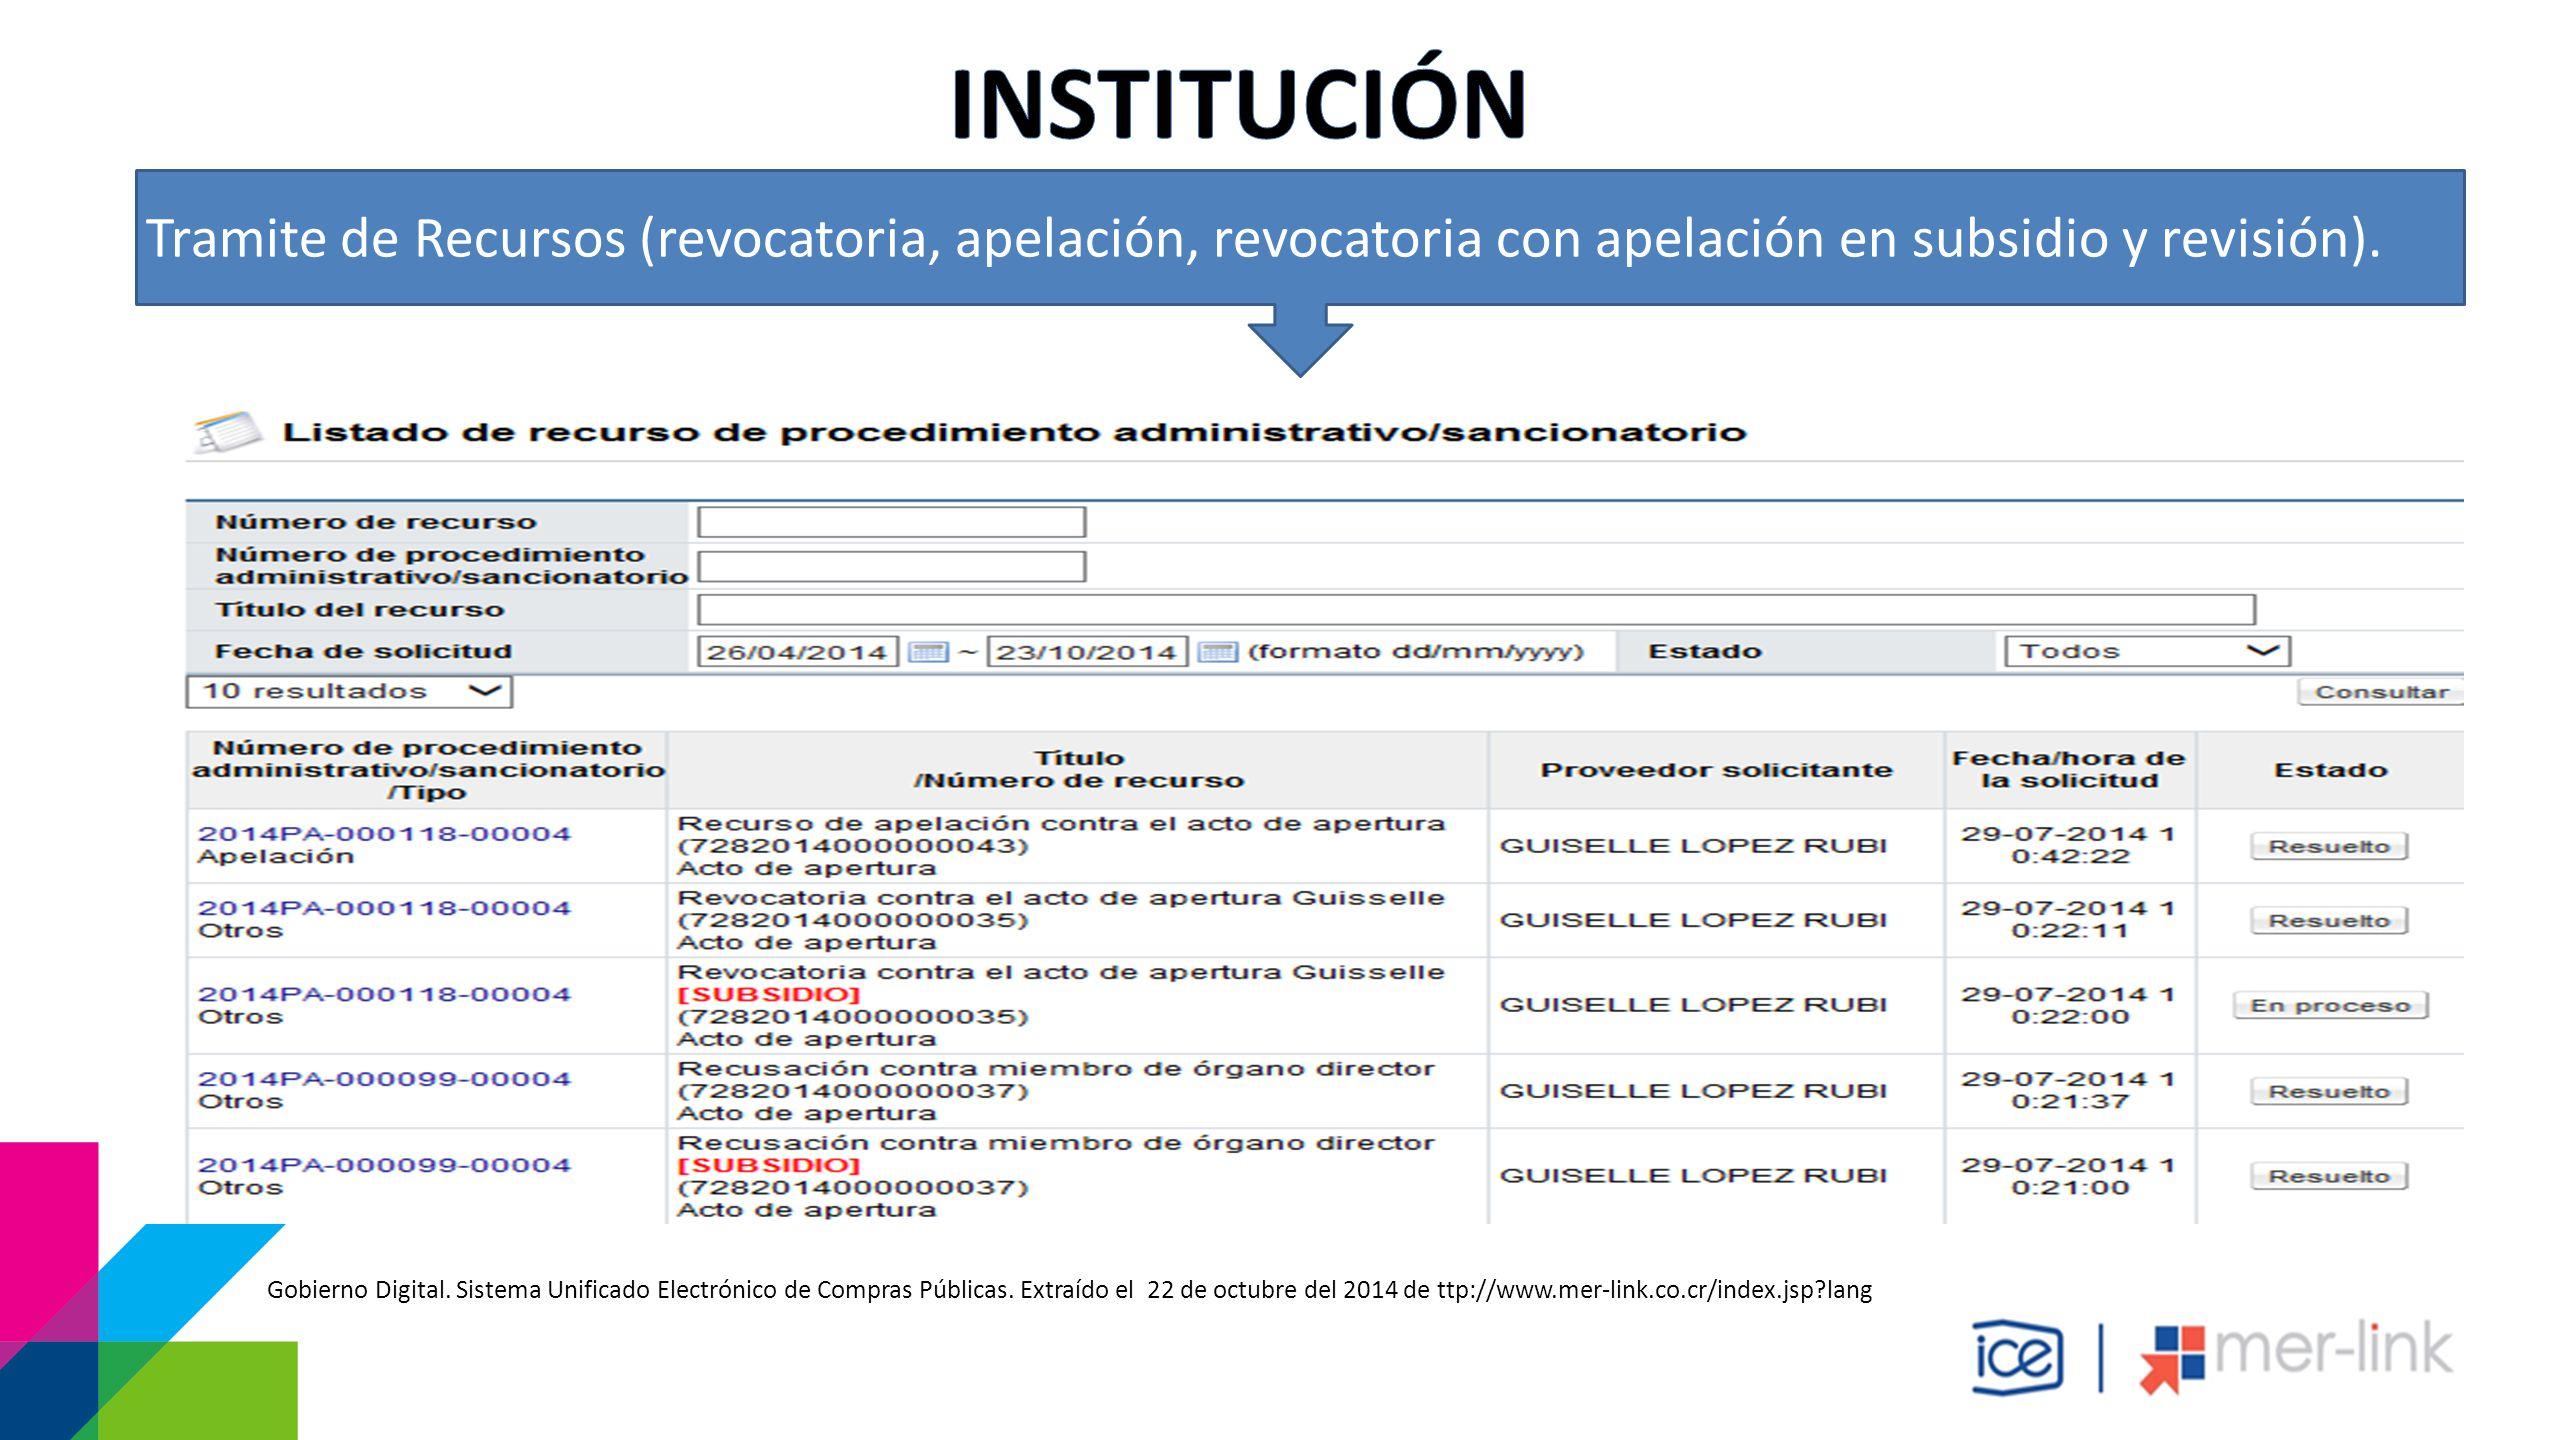 Tramite de Recursos (revocatoria, apelación, revocatoria con apelación en subsidio y revisión).